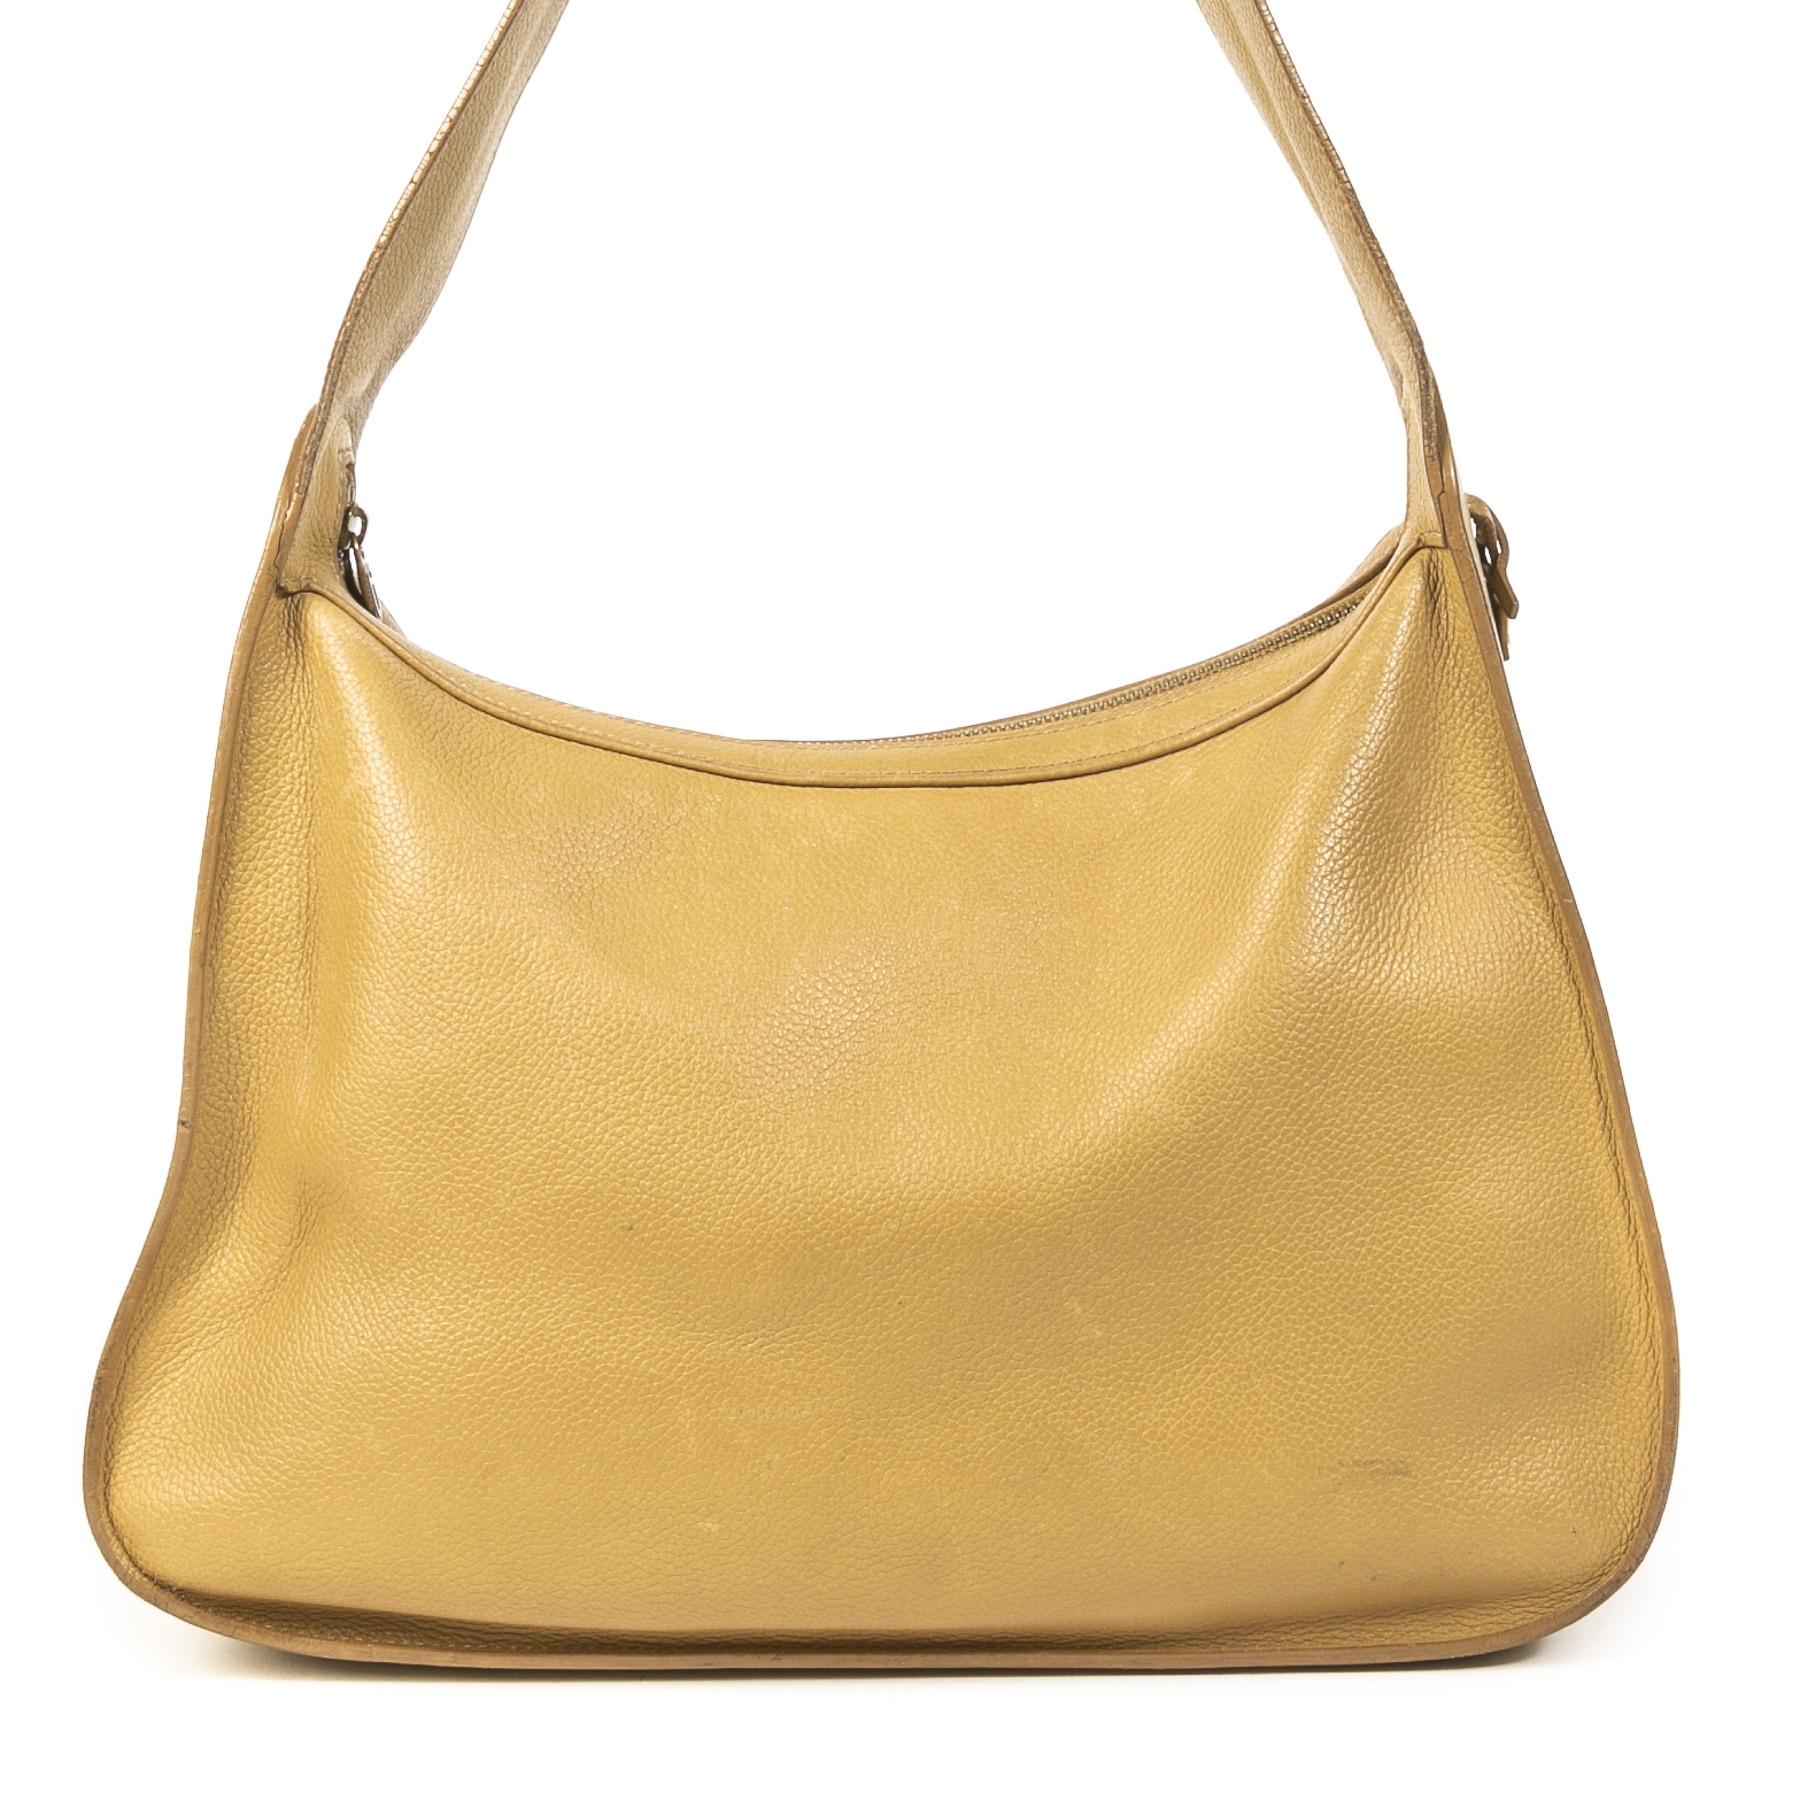 Authentieke Tweedehands Delvaux Pensée Ochre Yellow Shoulder Bag juiste prijs veilig online shoppen luxe merken webshop winkelen Antwerpen België mode fashion